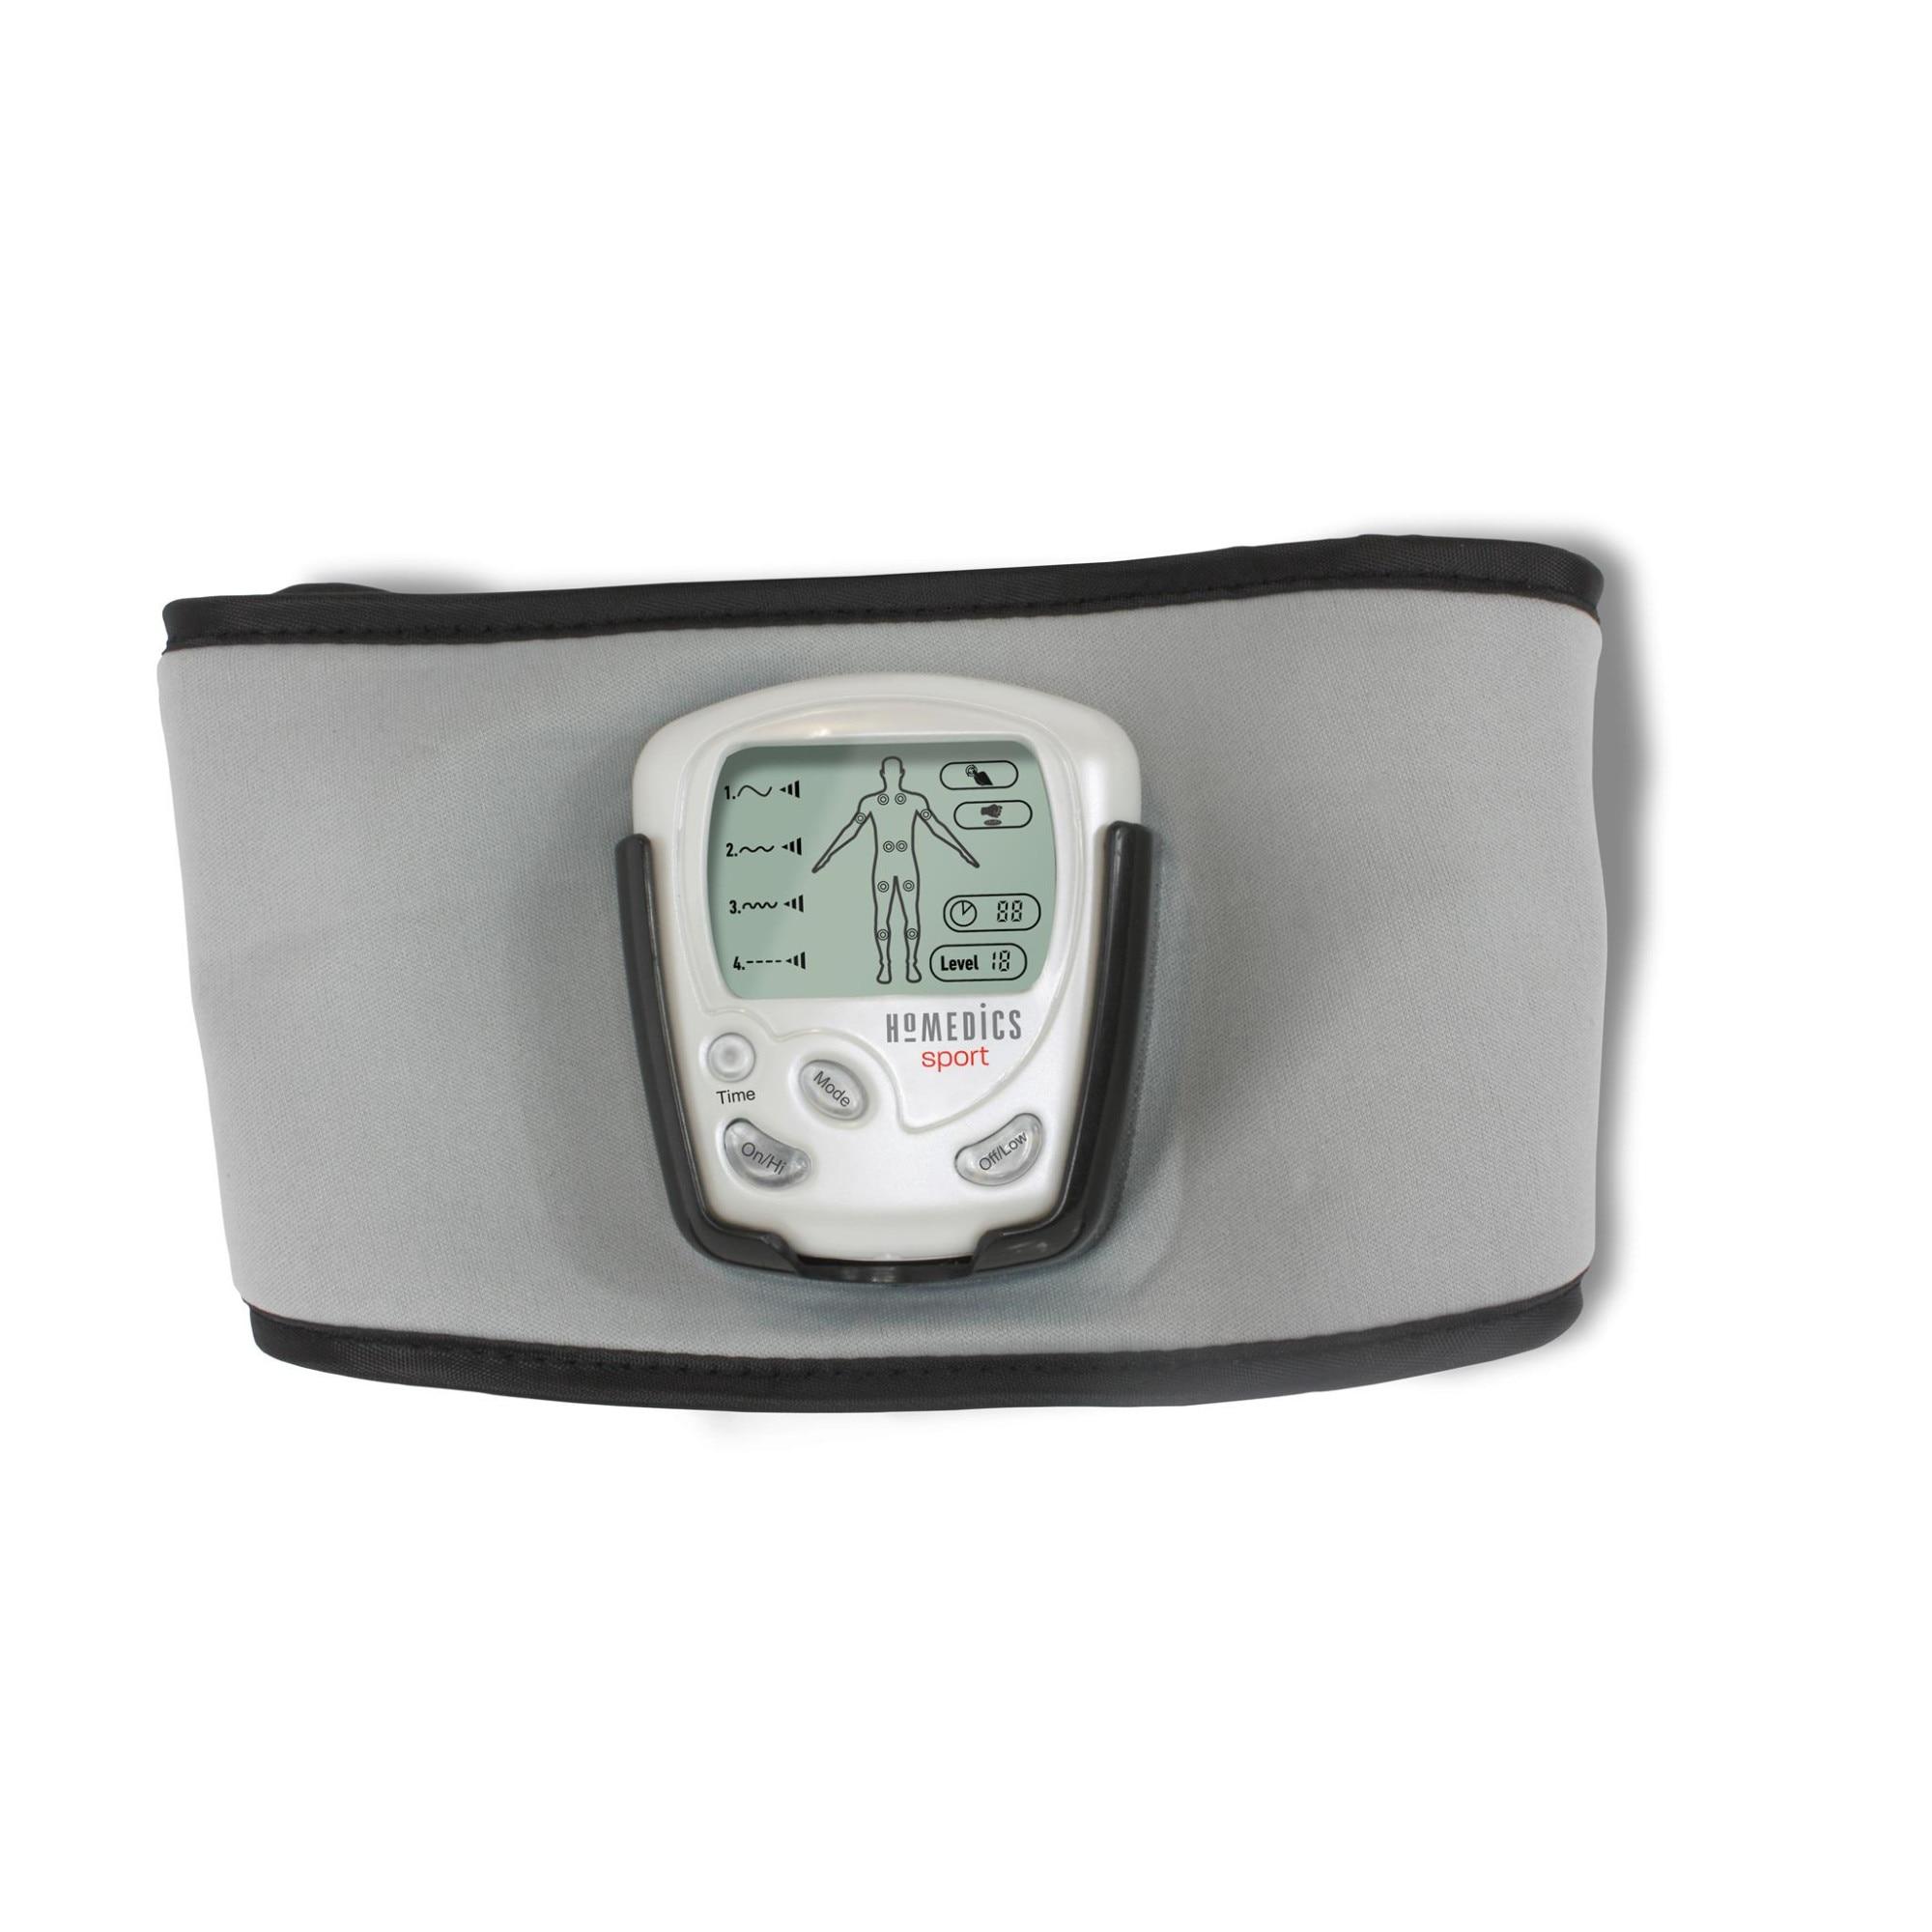 Fotografie Centura pentru tonifiere HST-200-EU, Homedics, 5 pernute cu gel, 6 programe de tonifiere, ecran LCD, temporizator, Gri